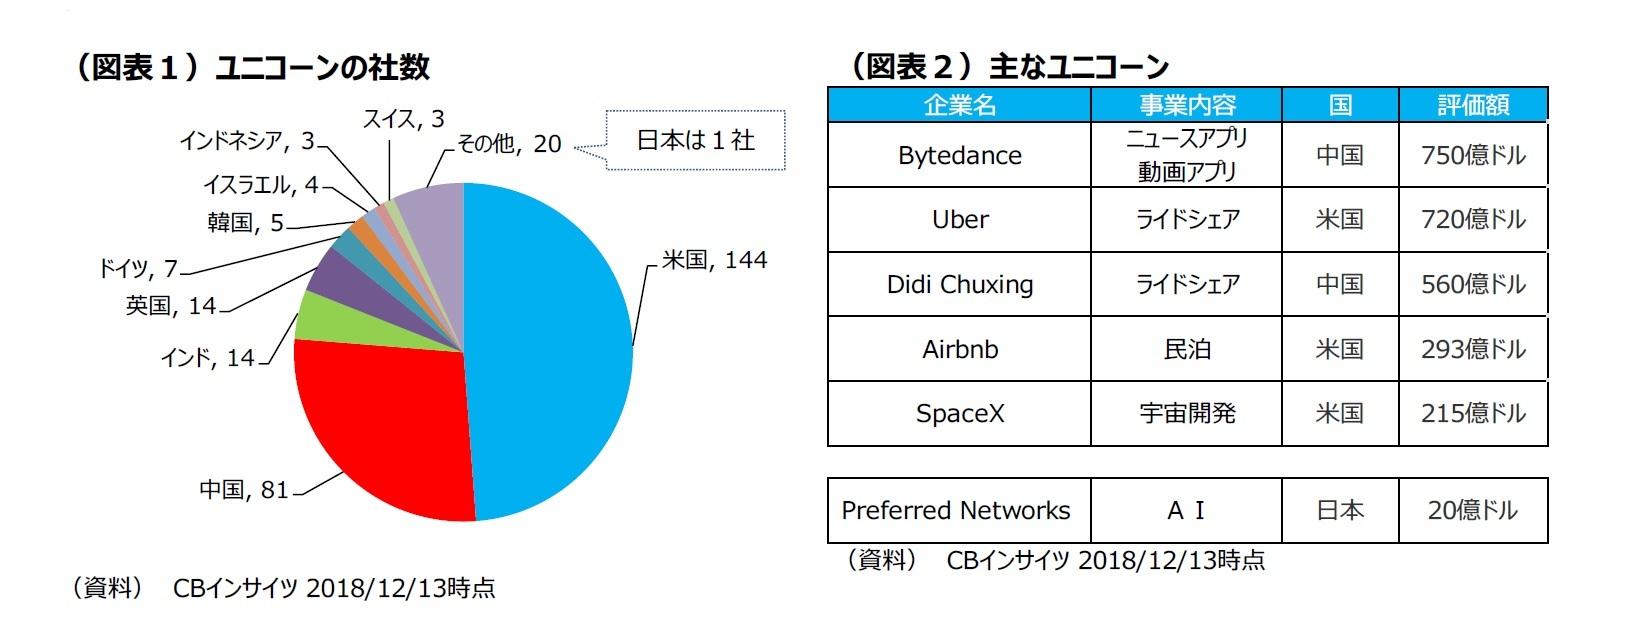 (図表1)ユニコーンの社数/(図表2)主なユニコーン